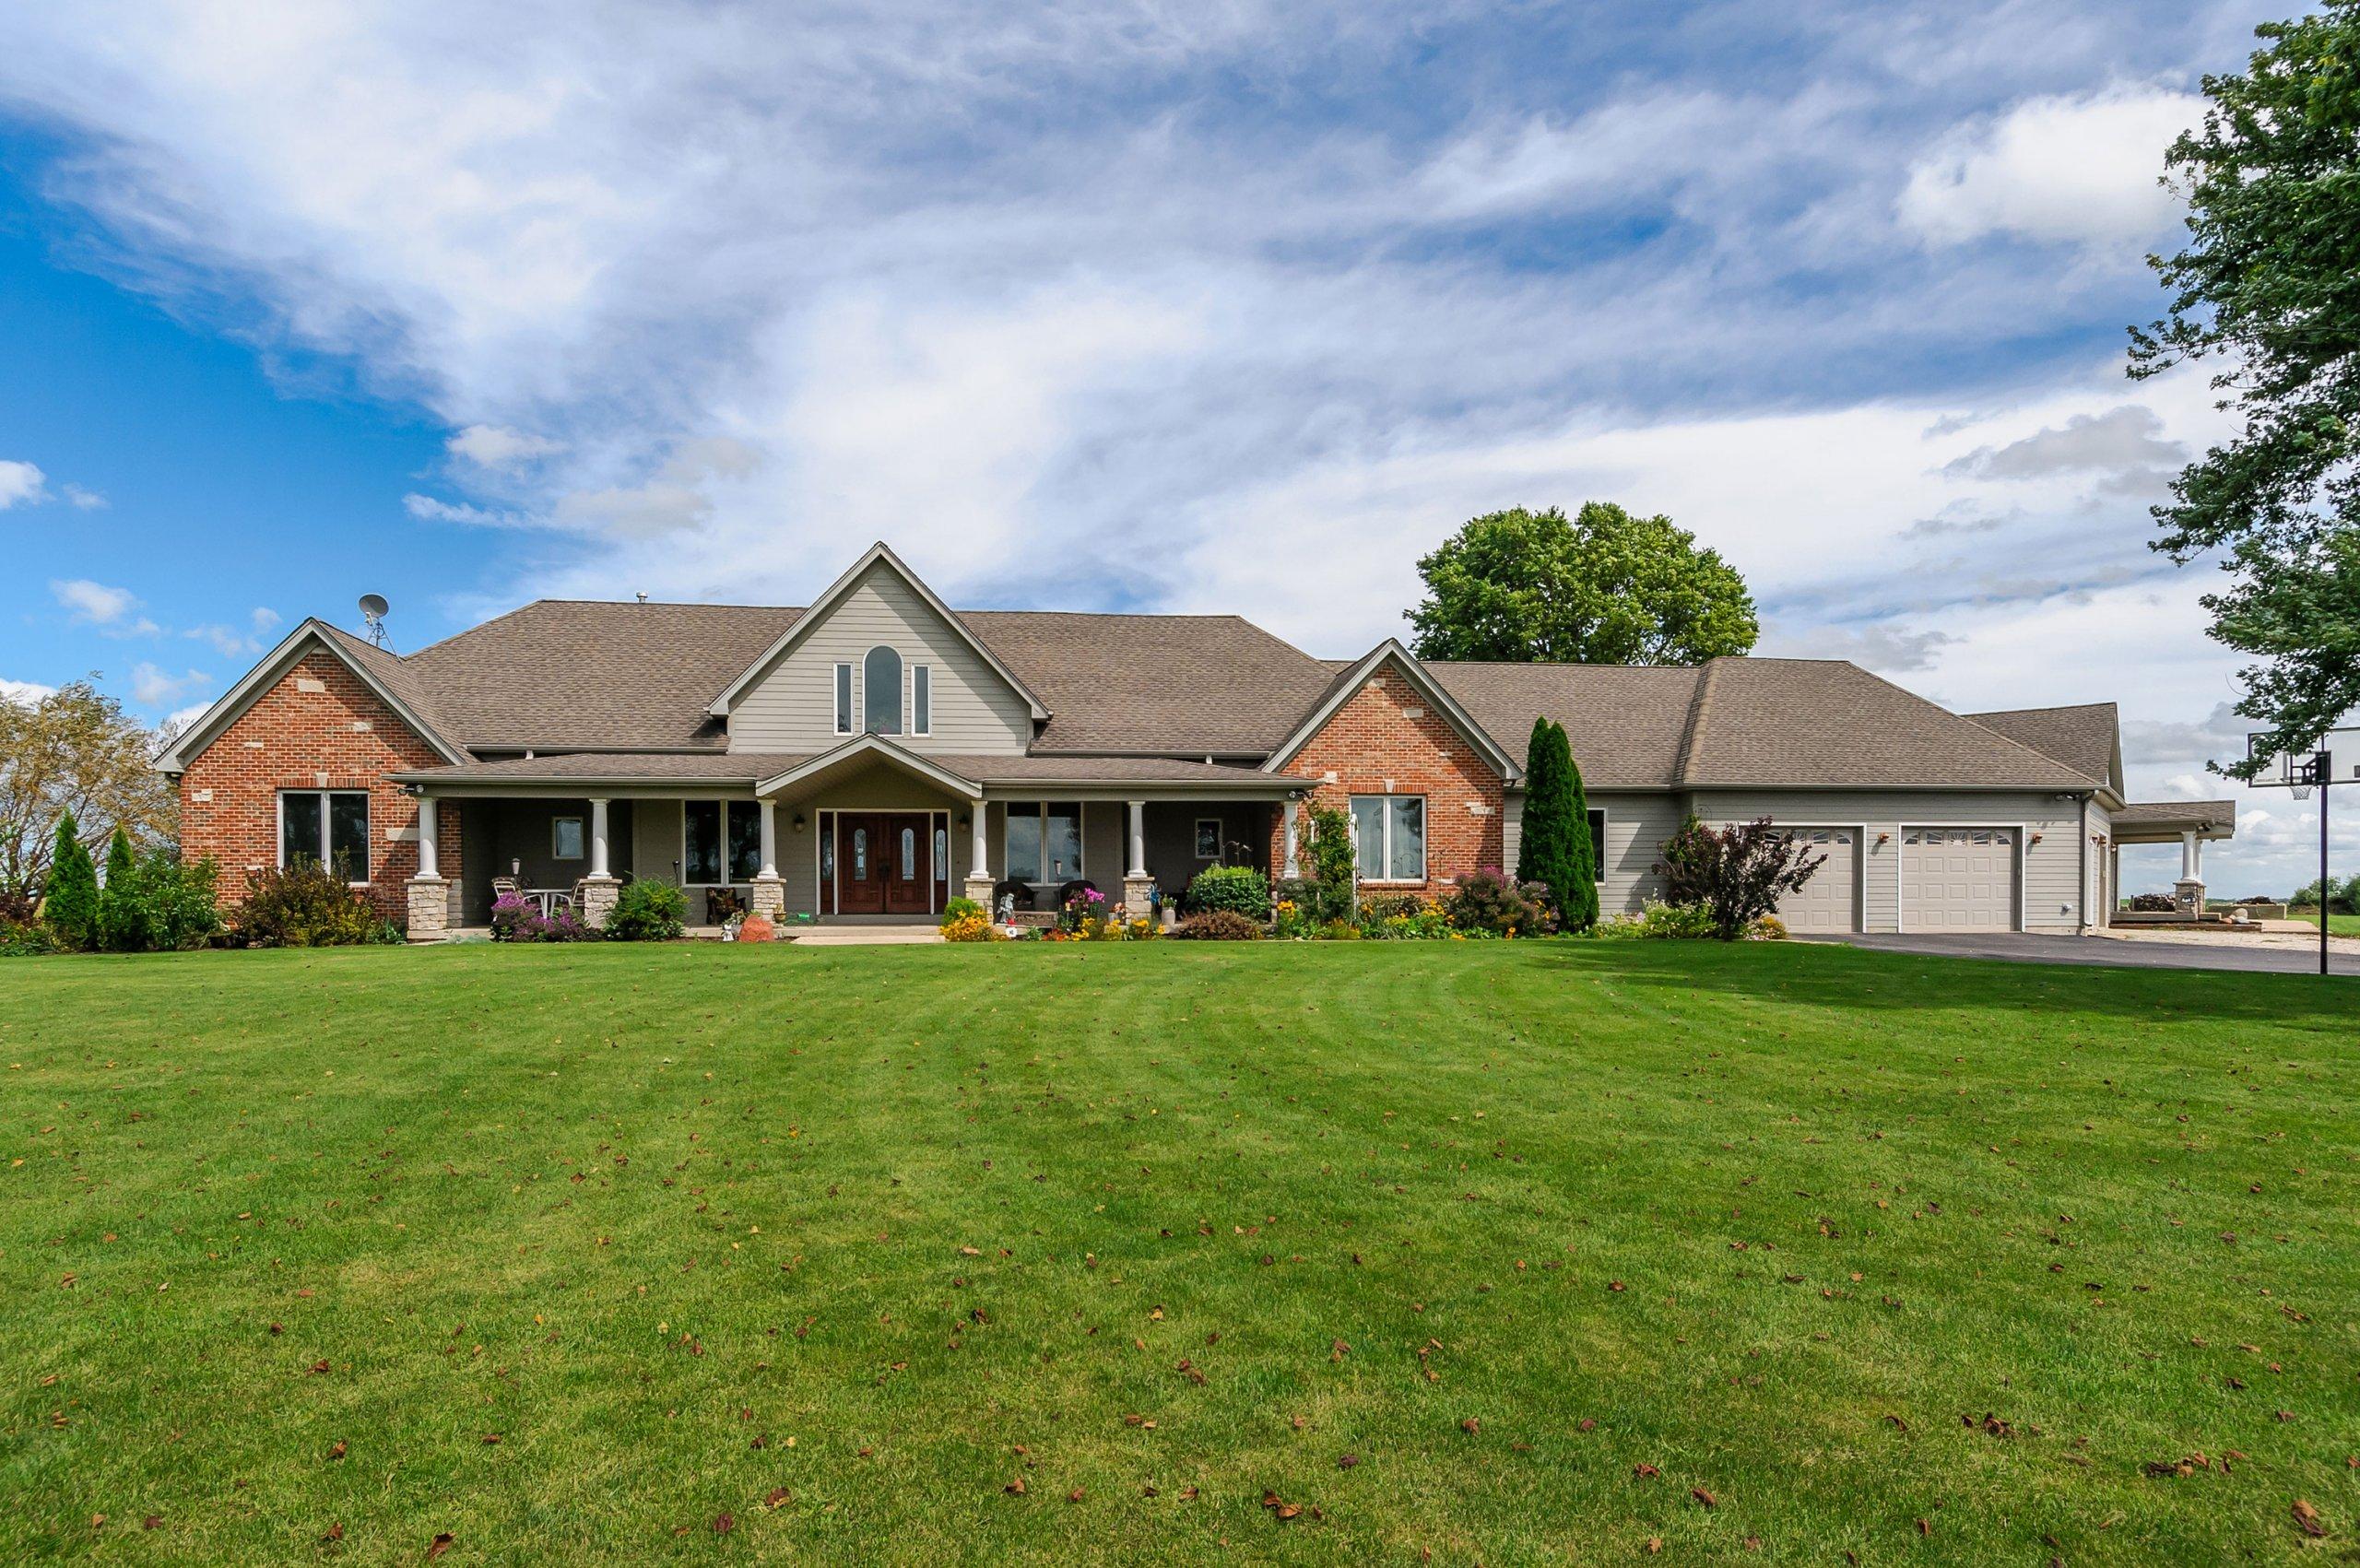 Massive rural estate home in Somonauk, Illinois. About me.